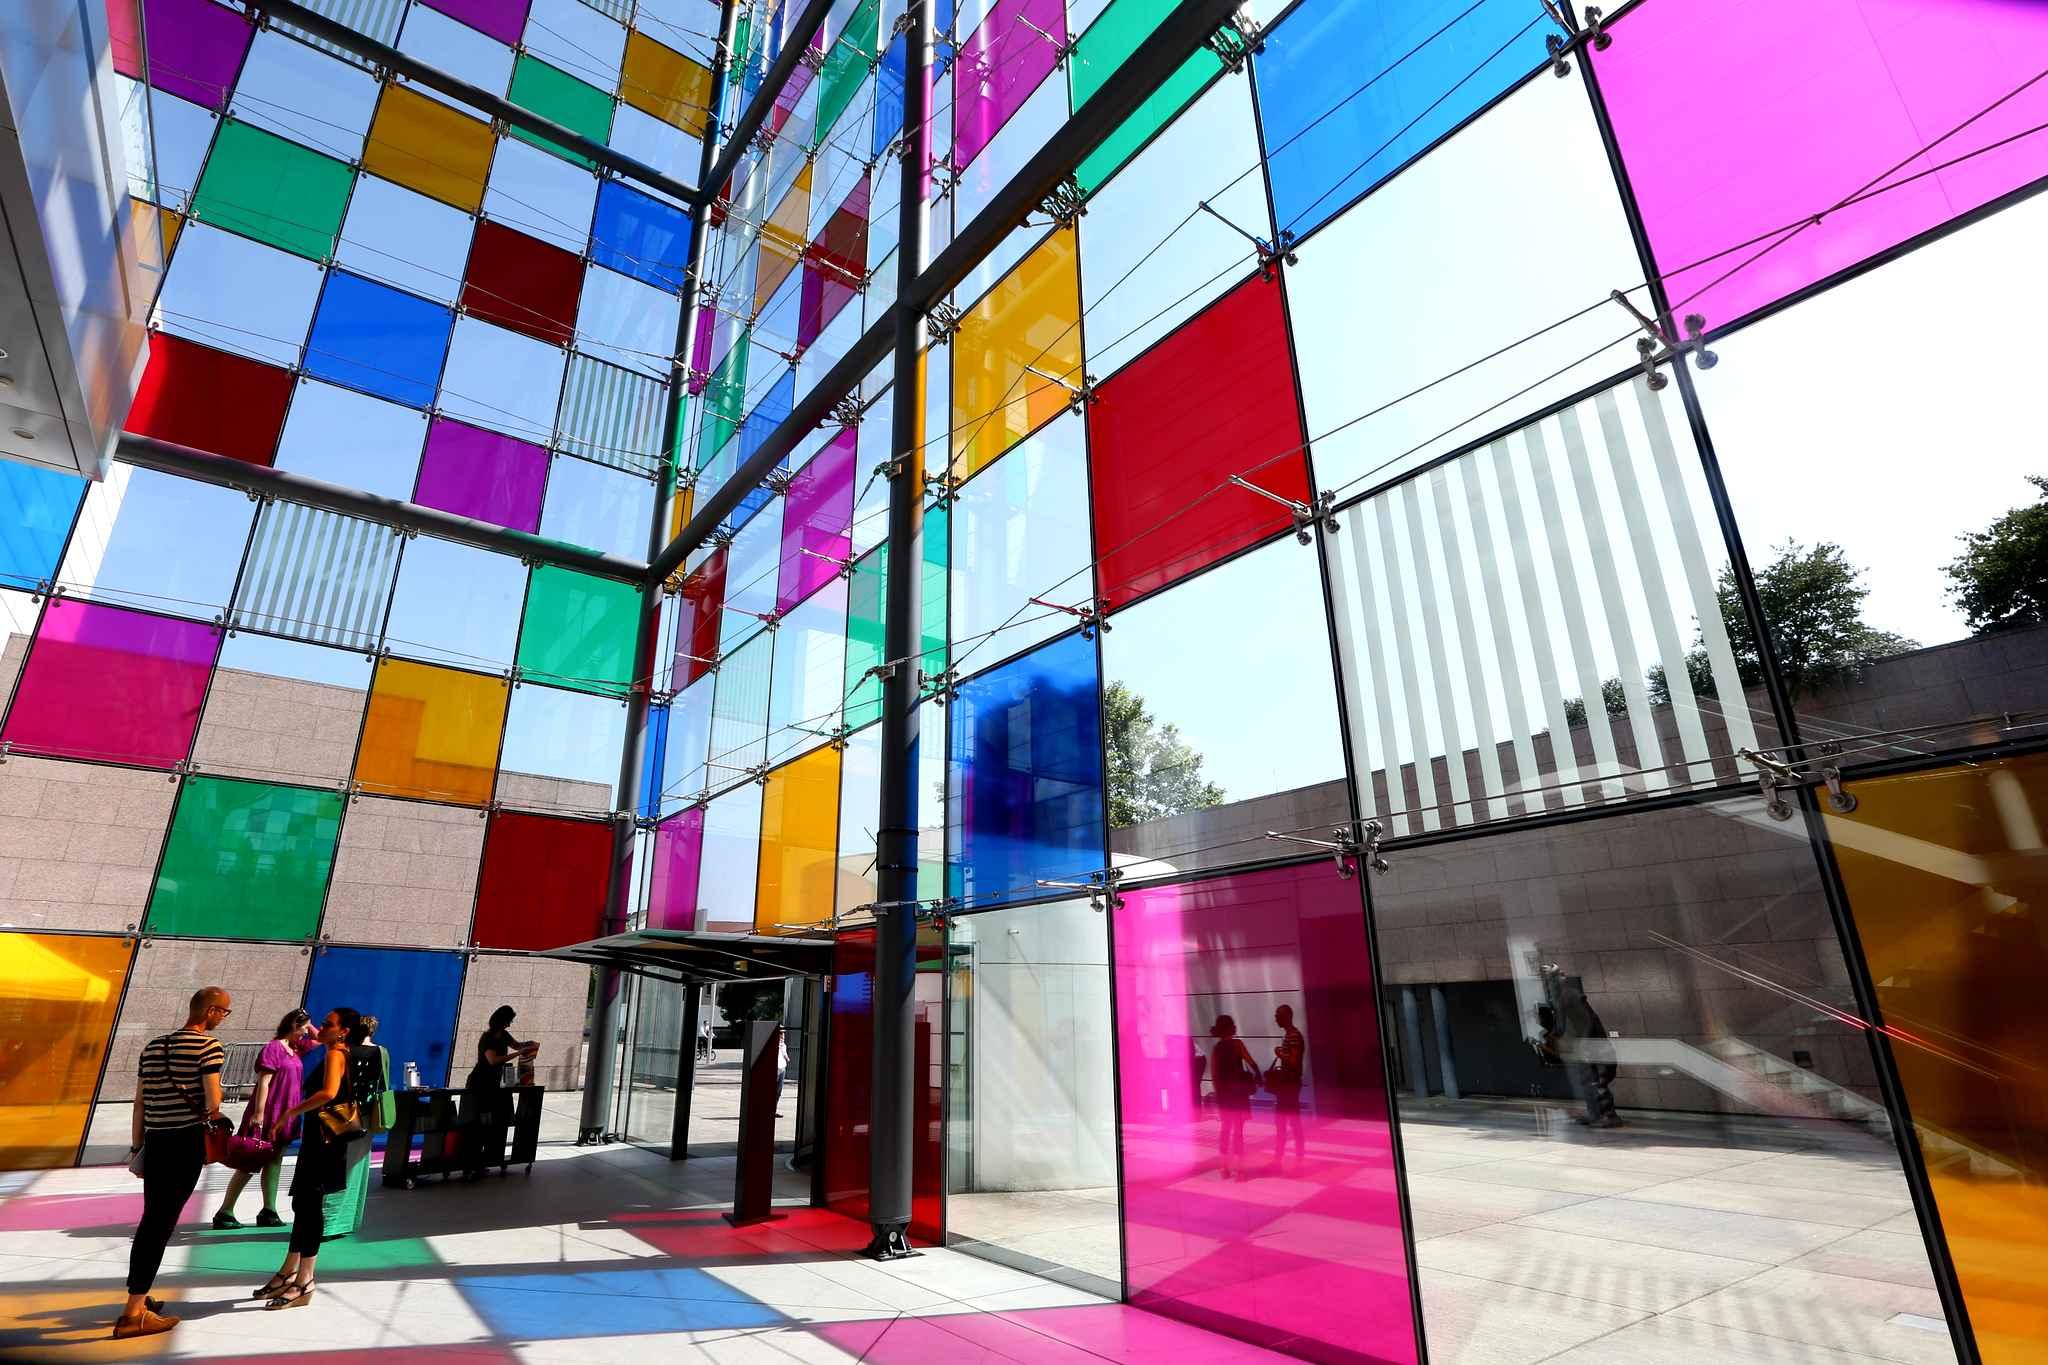 Pr sentation au mus e d art moderne et contemporain de strasbourg amicale du conseil de l 39 europe - Musee d art moderne strasbourg ...